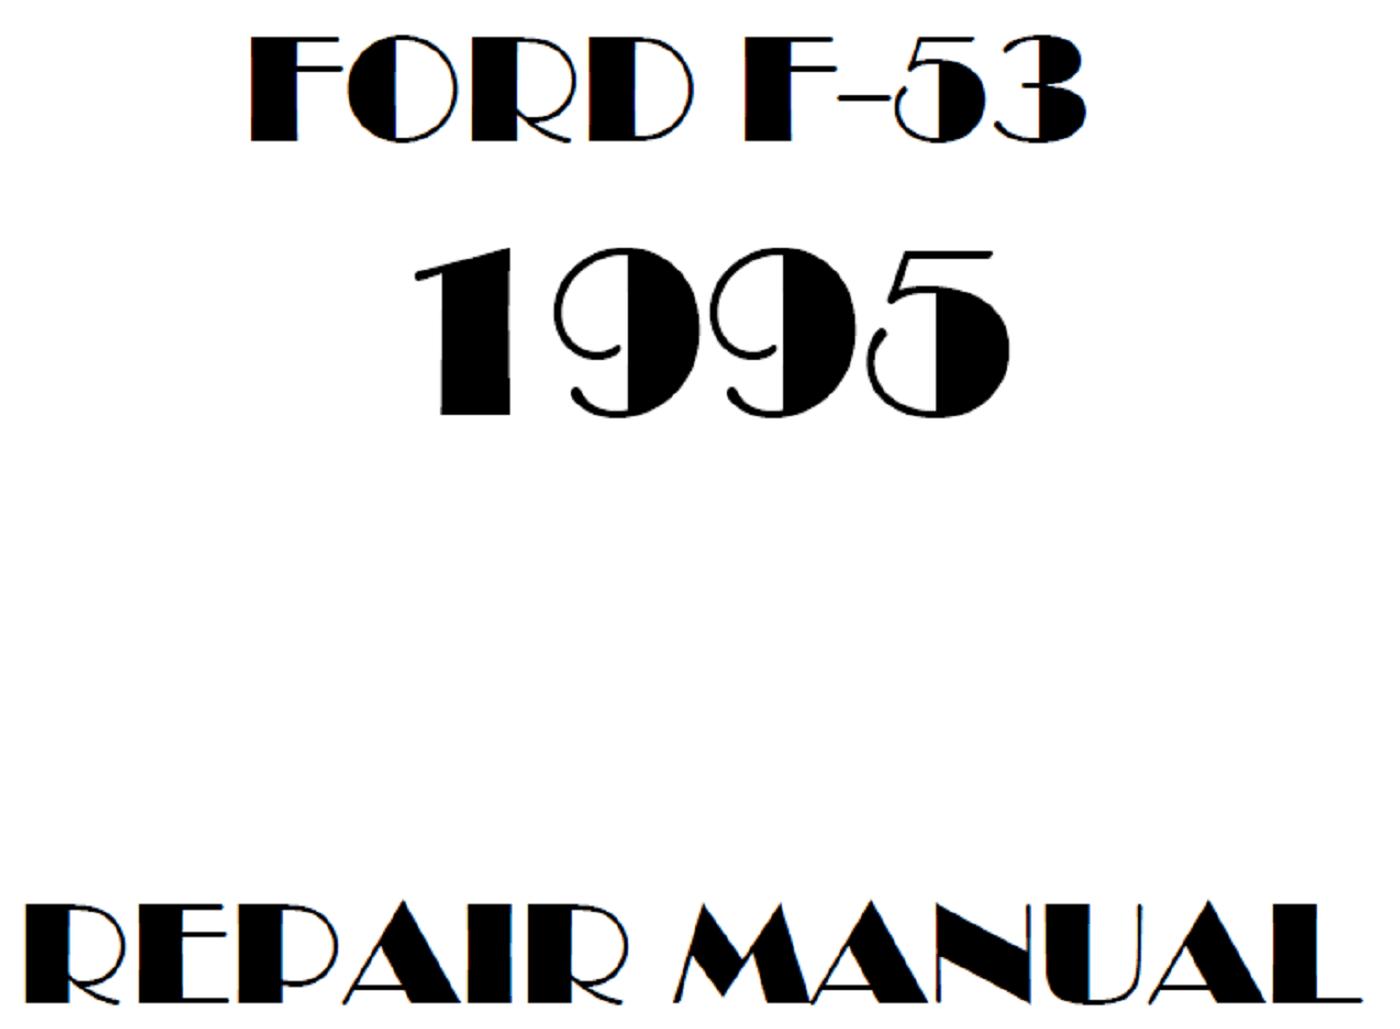 1995 Ford F53 repair manual